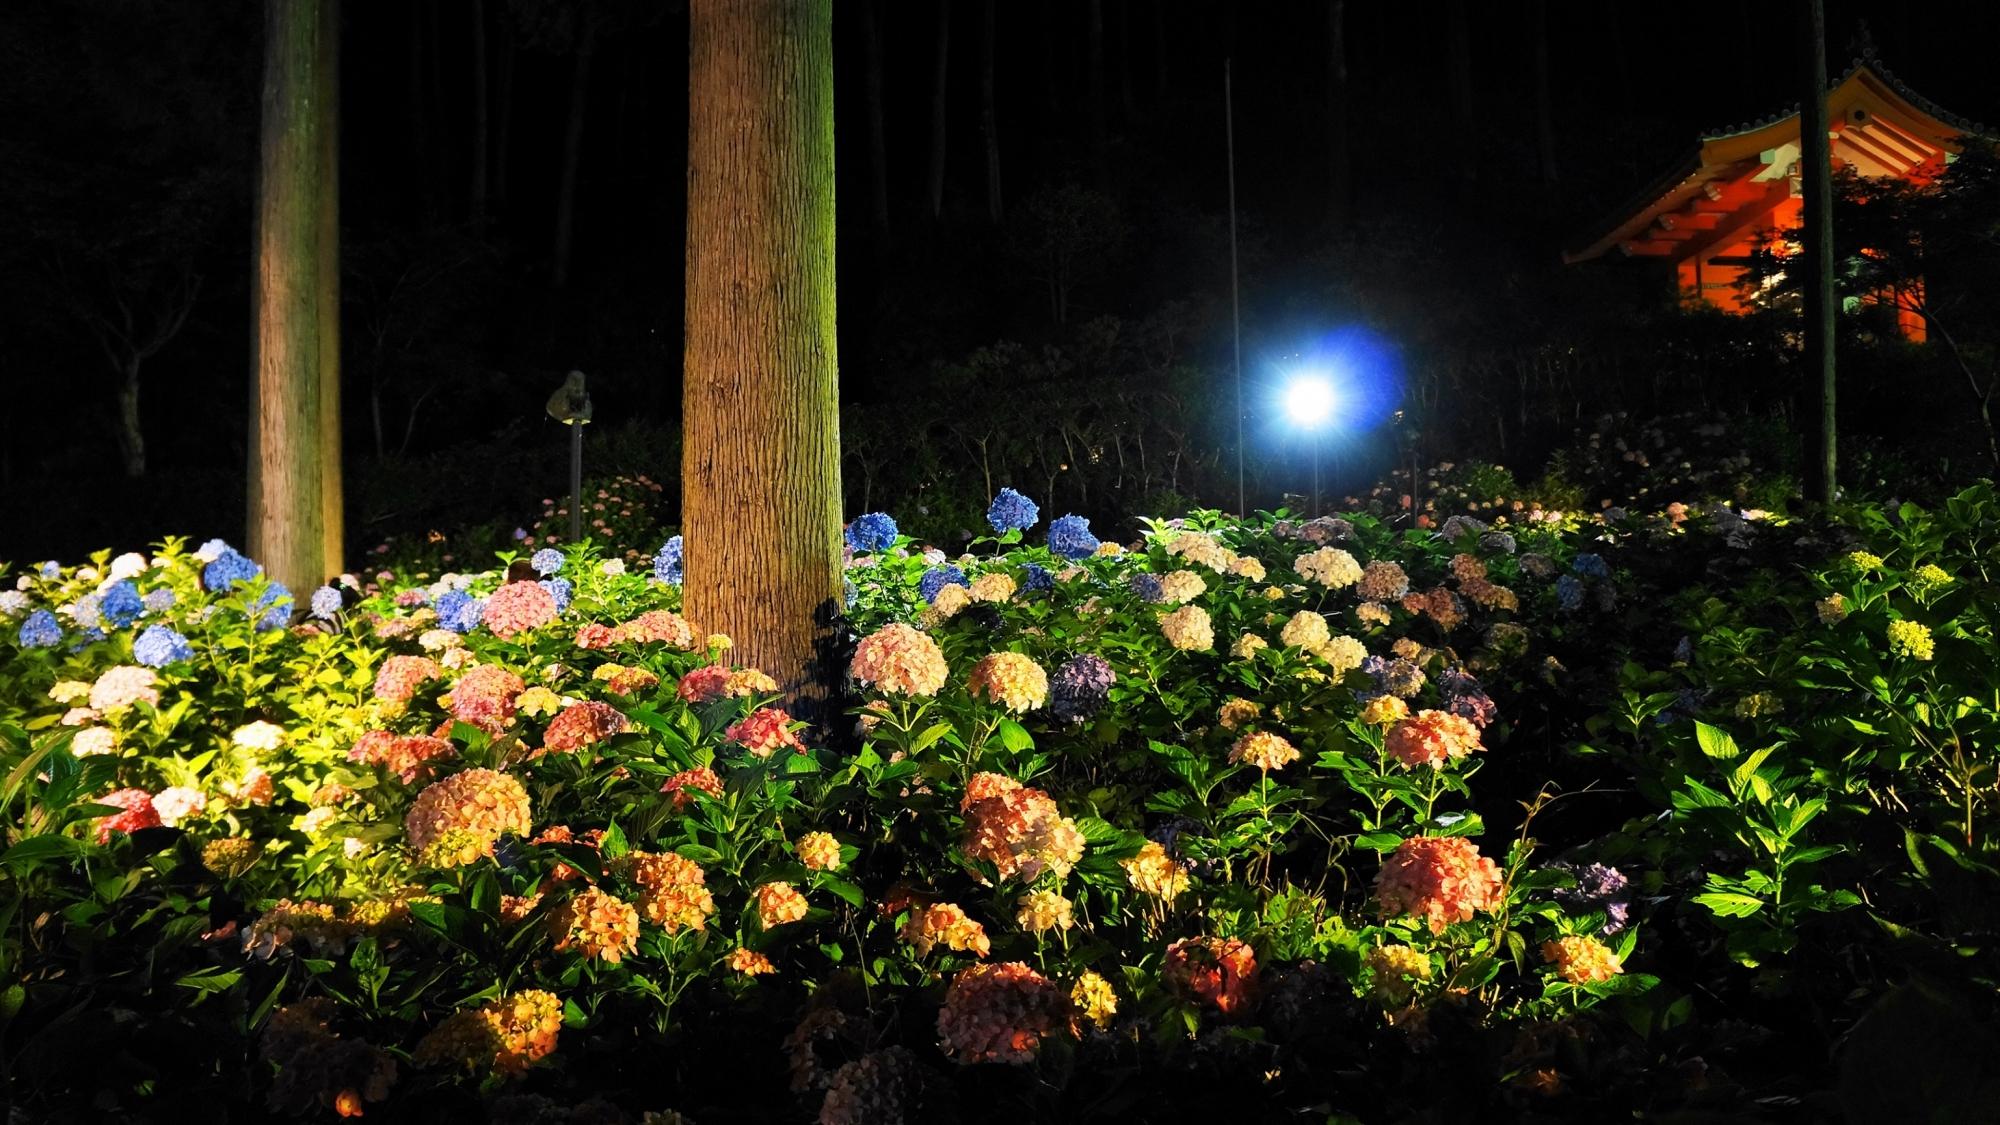 三室戸寺の素晴らしい紫陽花ライトアップと夜の情景